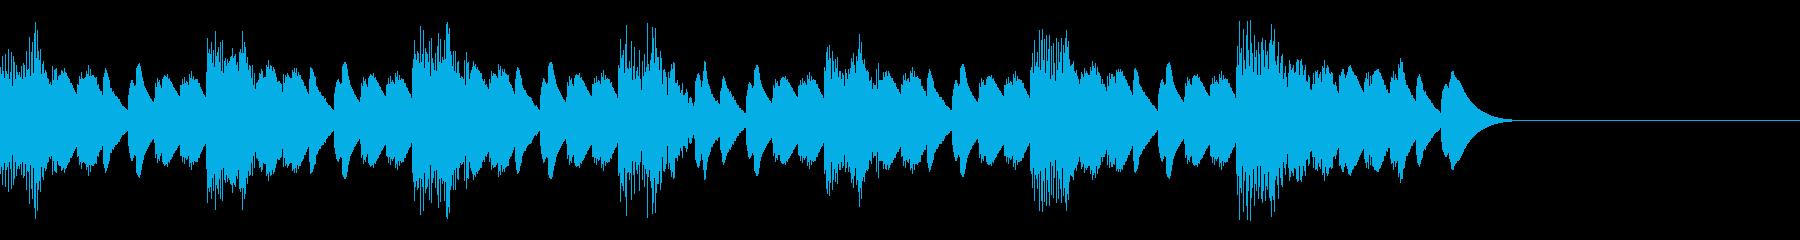 15秒CM用 マリンバSEの再生済みの波形